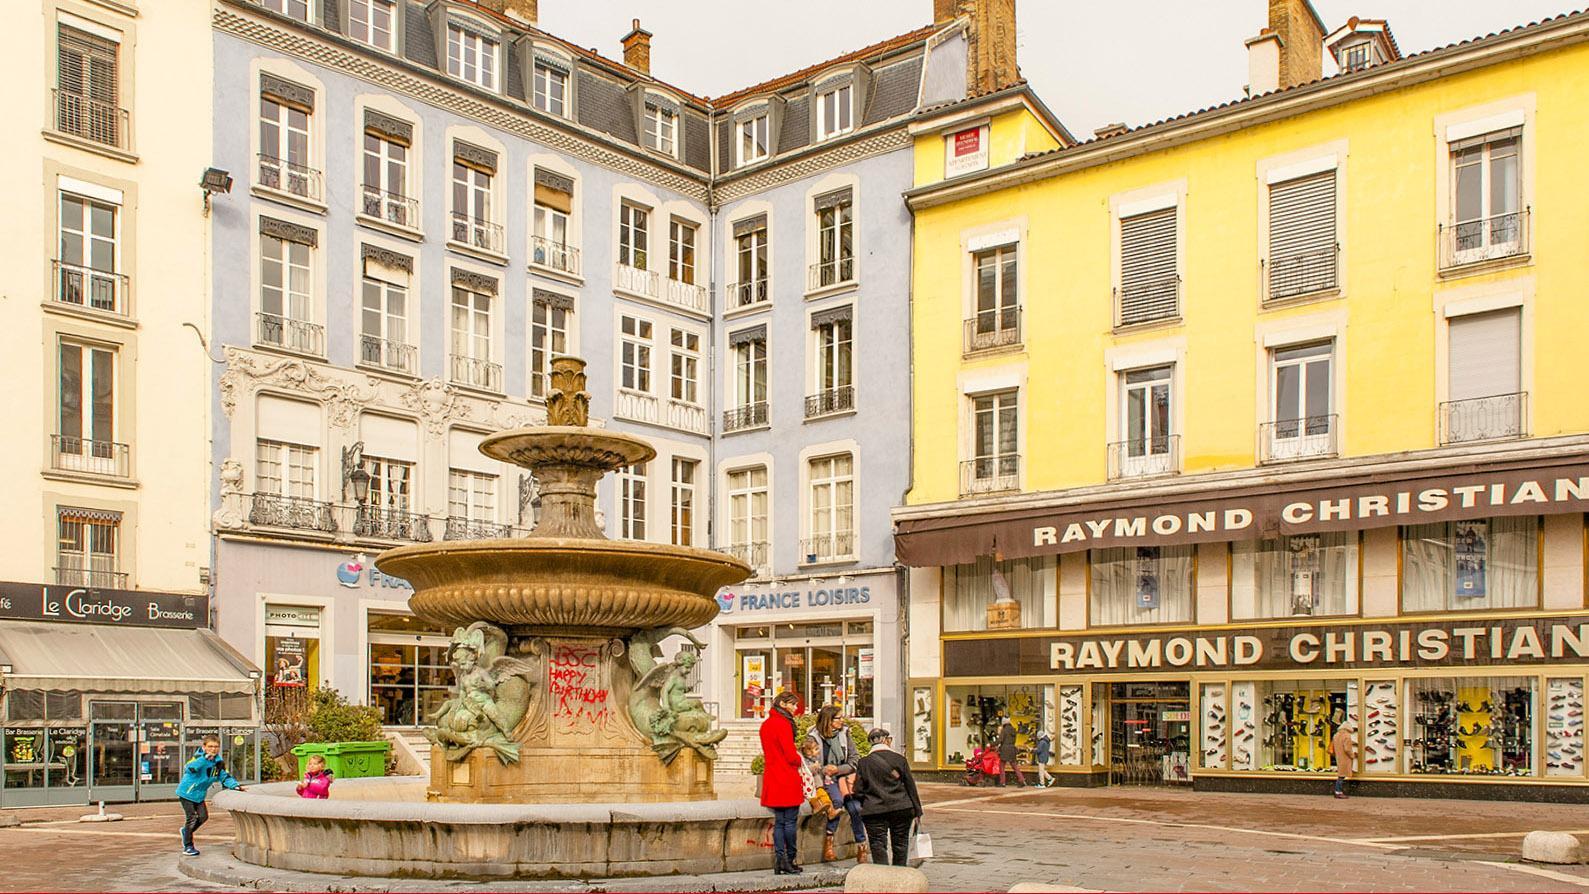 Die Place Grenette von Grenoble. Foto: Hilek Maunder